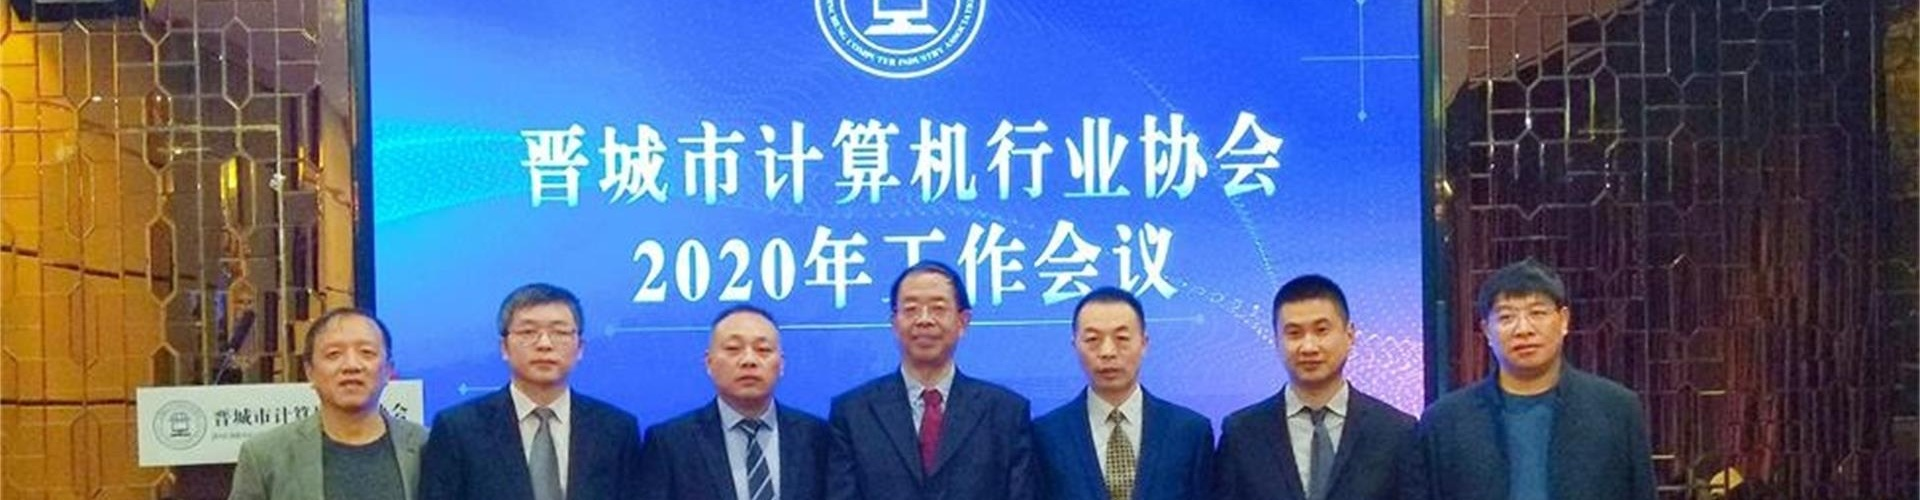 晋城市计算机行业协会